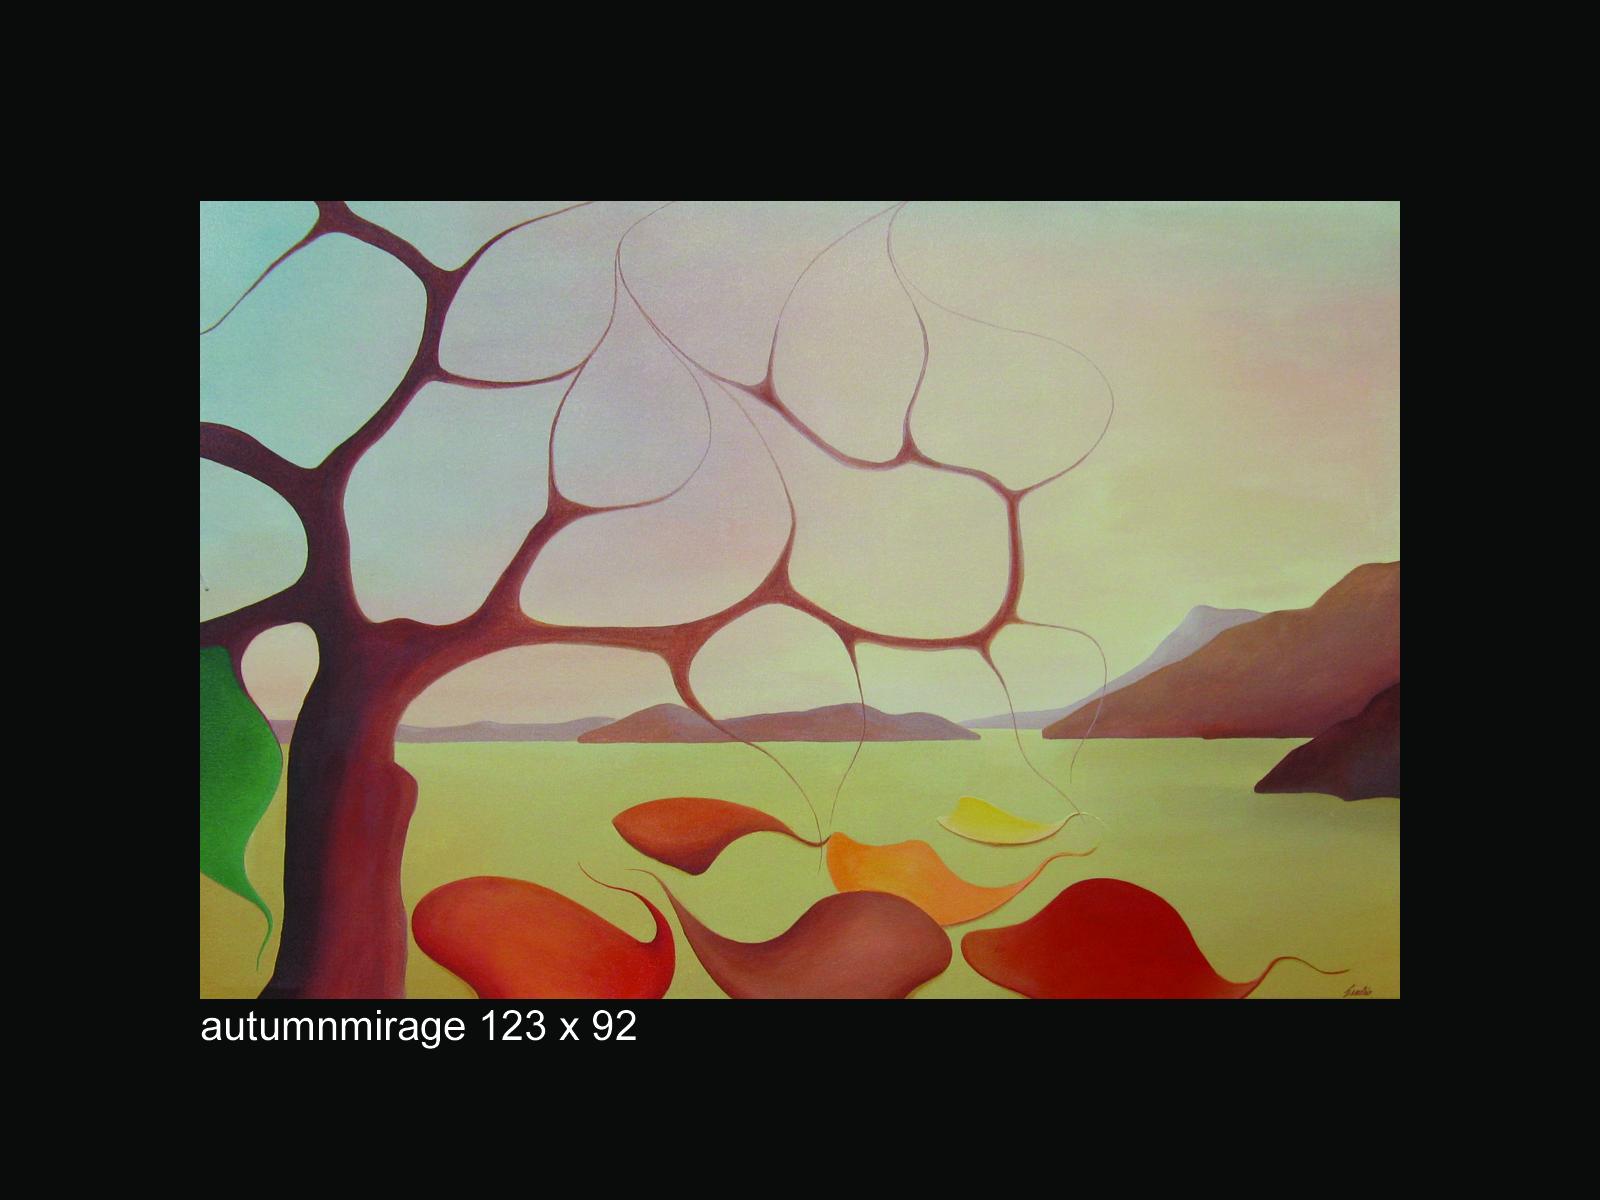 acrylic_autumnmirage_123x92a